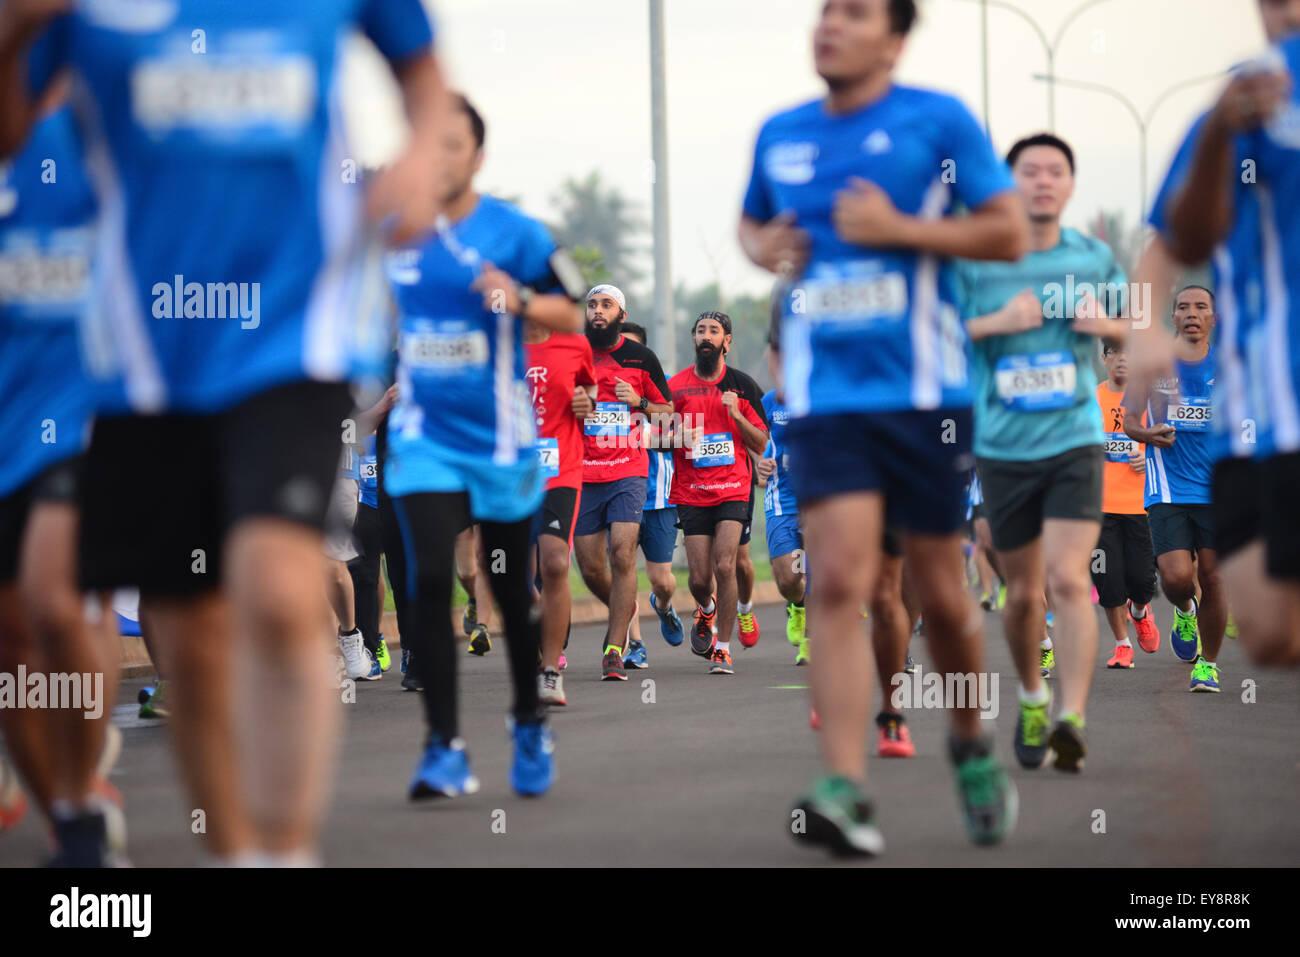 La compétition courante en milieu urbain. Vie de tendances de l'activité de sport en Indonésie. Photo Stock